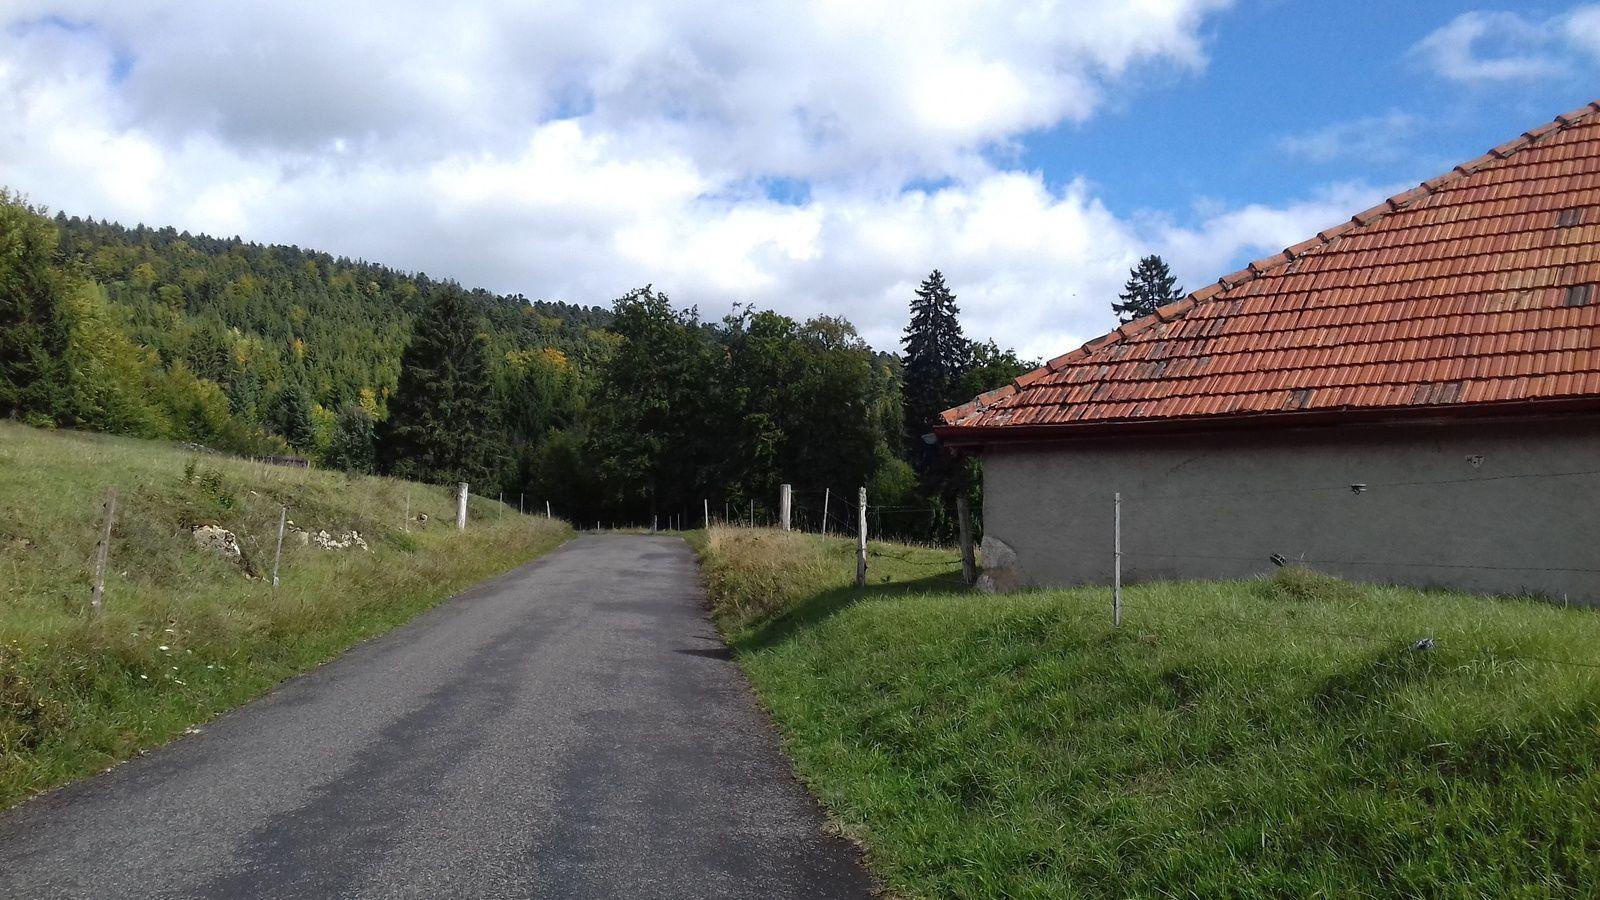 La route de la montagne, c'est son nom, qui m'emmène à la Combe des Amburnex.